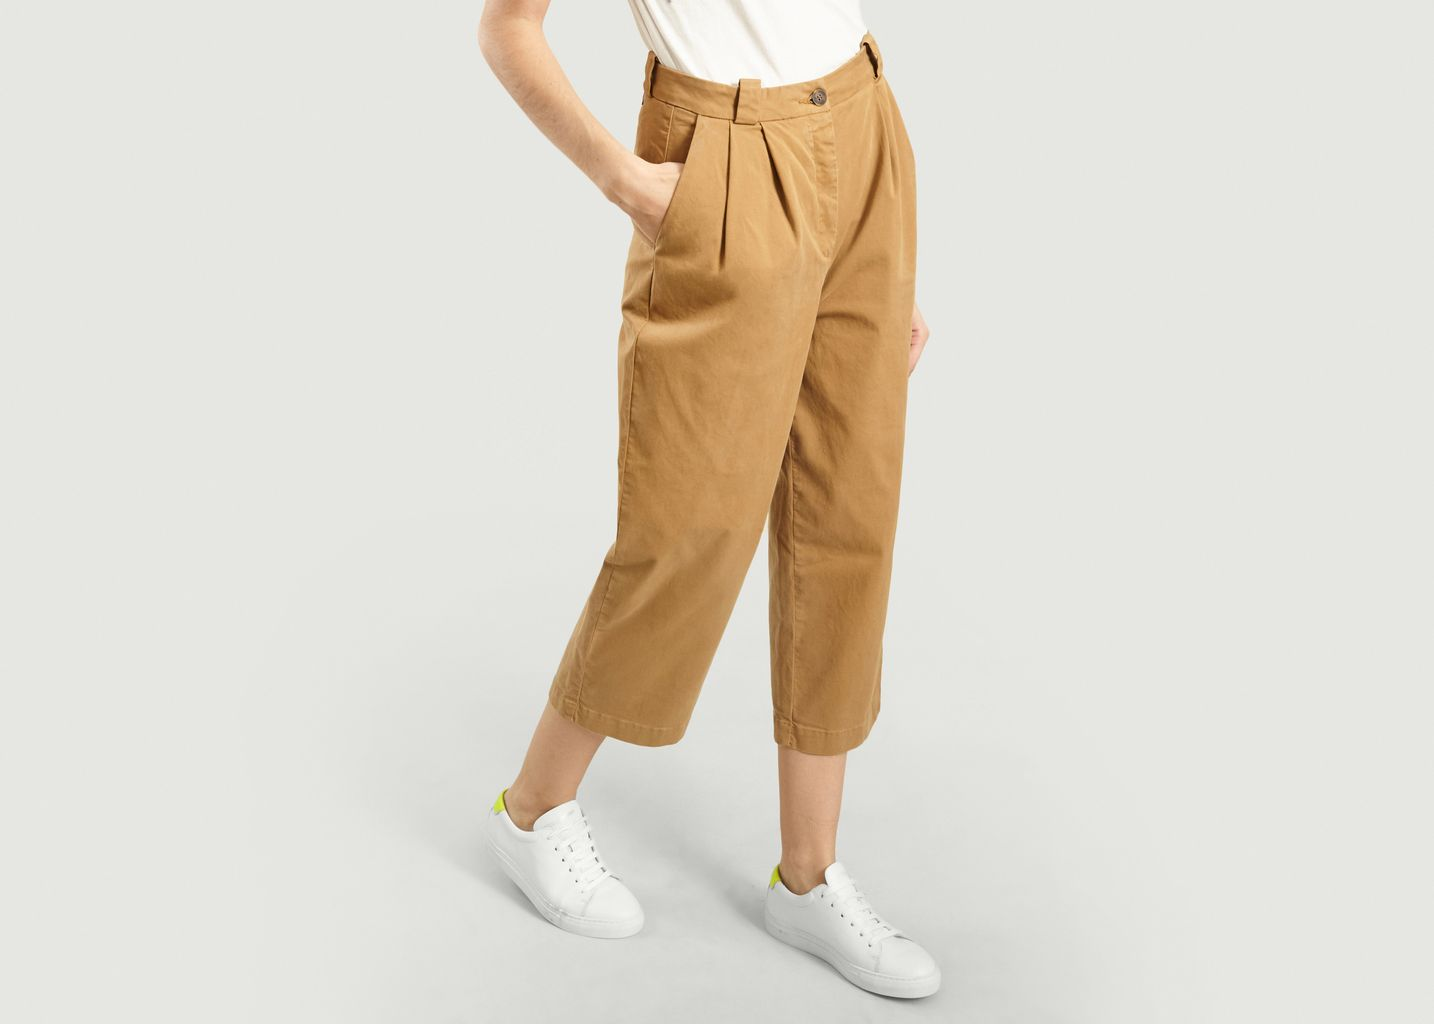 Pantalon Pitastreet à Pinces - American Vintage